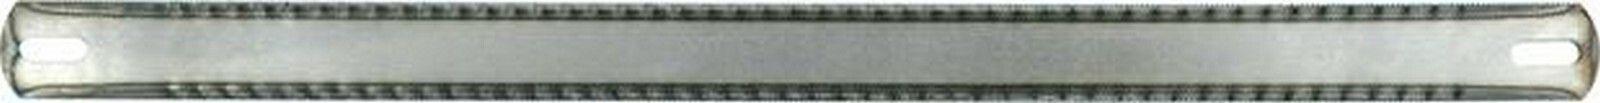 List na kov 300 x 20 mm RAMF 72 ks TOYA